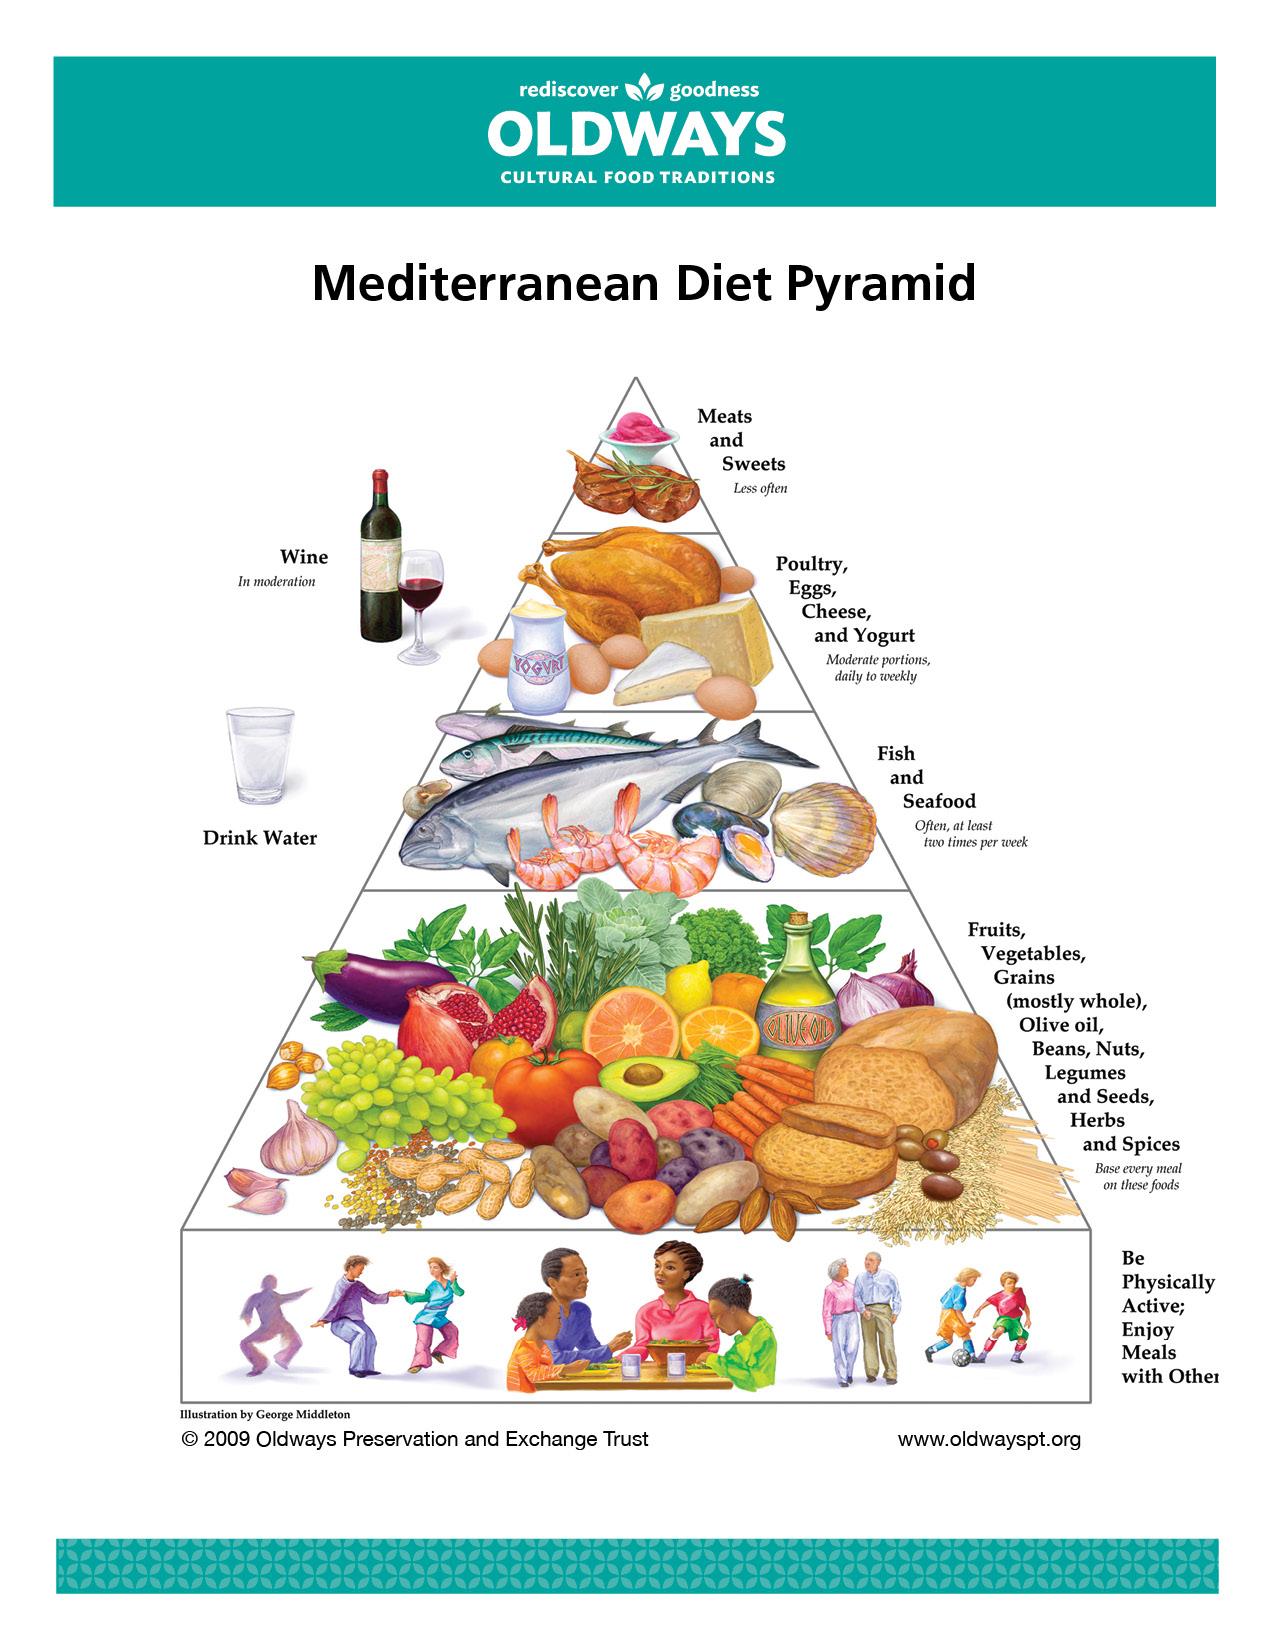 The Mediterranean Diet Pyramid 1